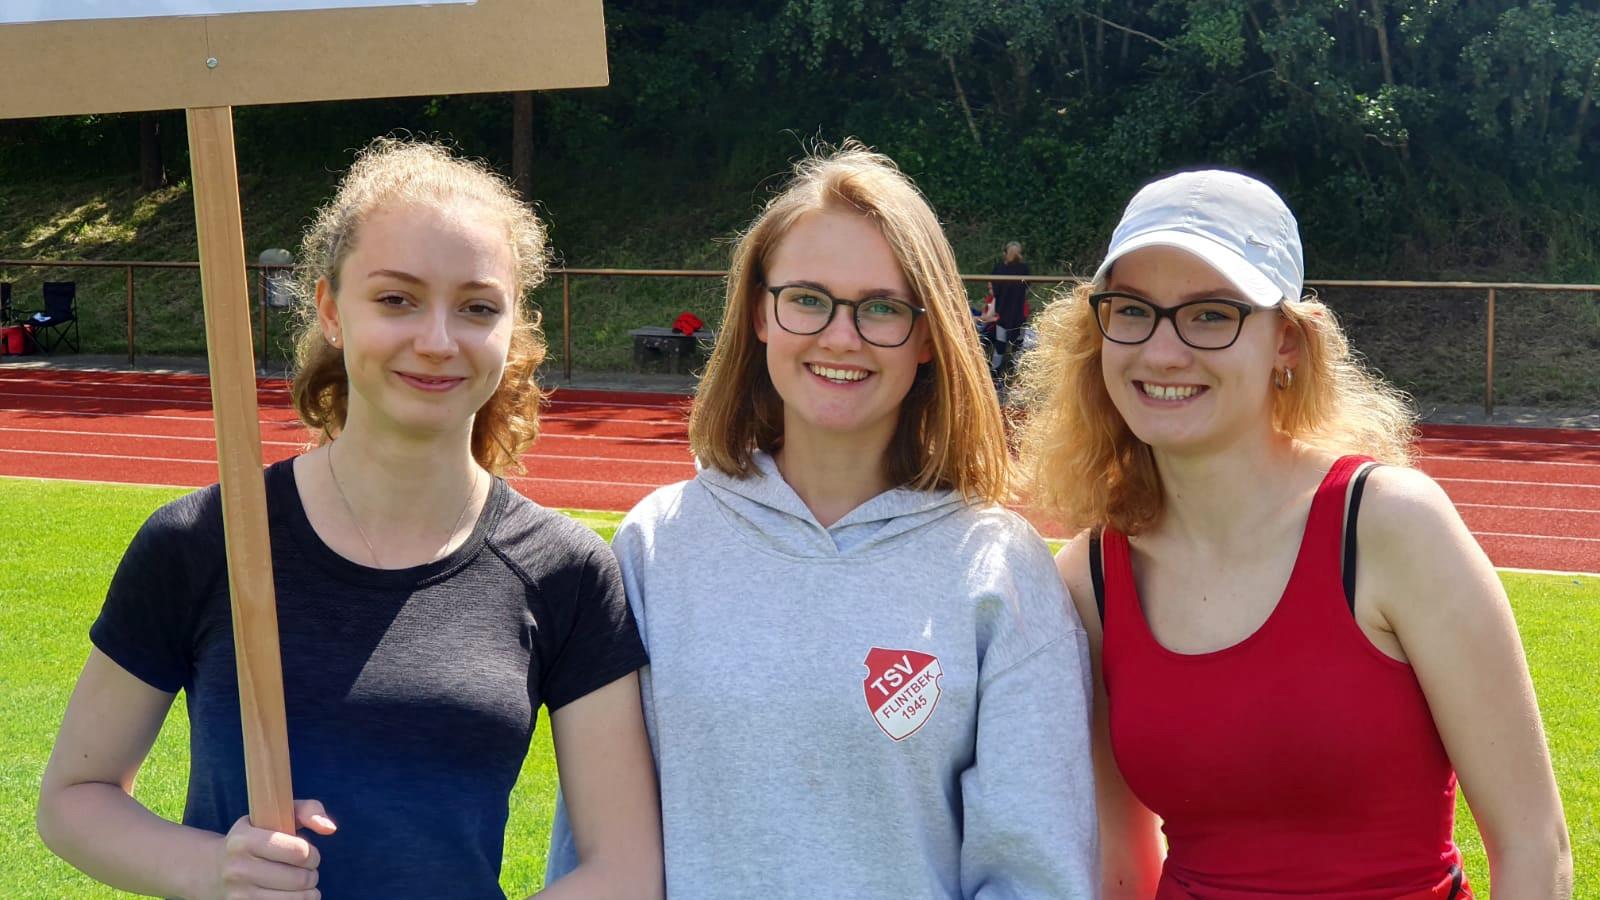 leichtathletik-km-2019-flintbek_09